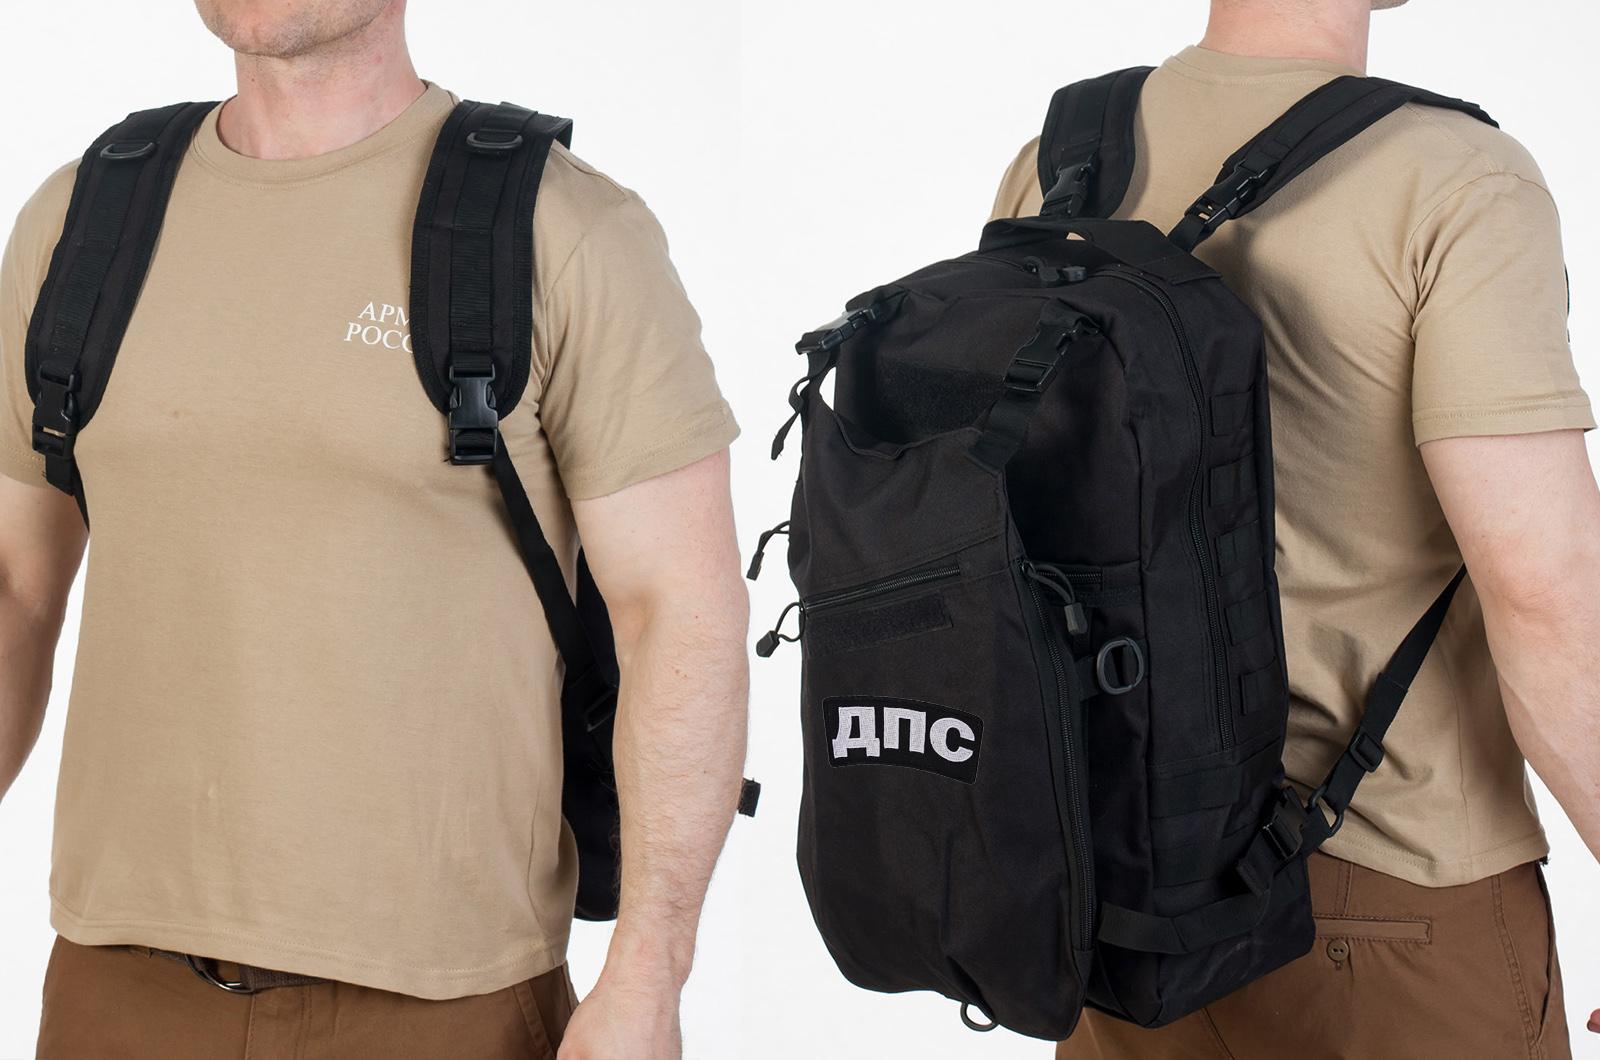 Тактический рейдовый рюкзак с нашивкой ДПС - купить оптом